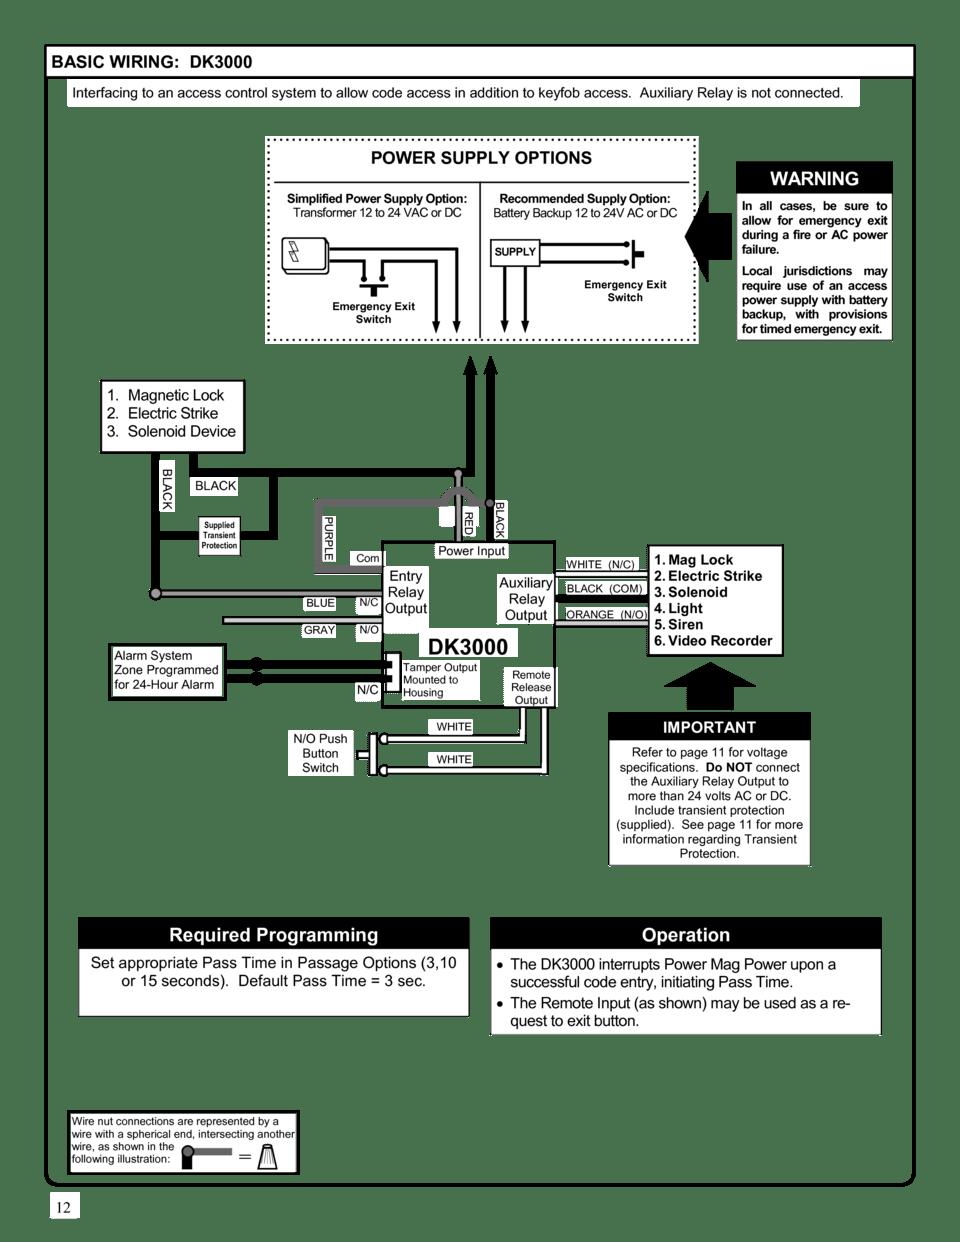 medium resolution of alarm lock dk3000 programming manual page 12 mag lock wiring 12 basic wiring dk3000 interfacing